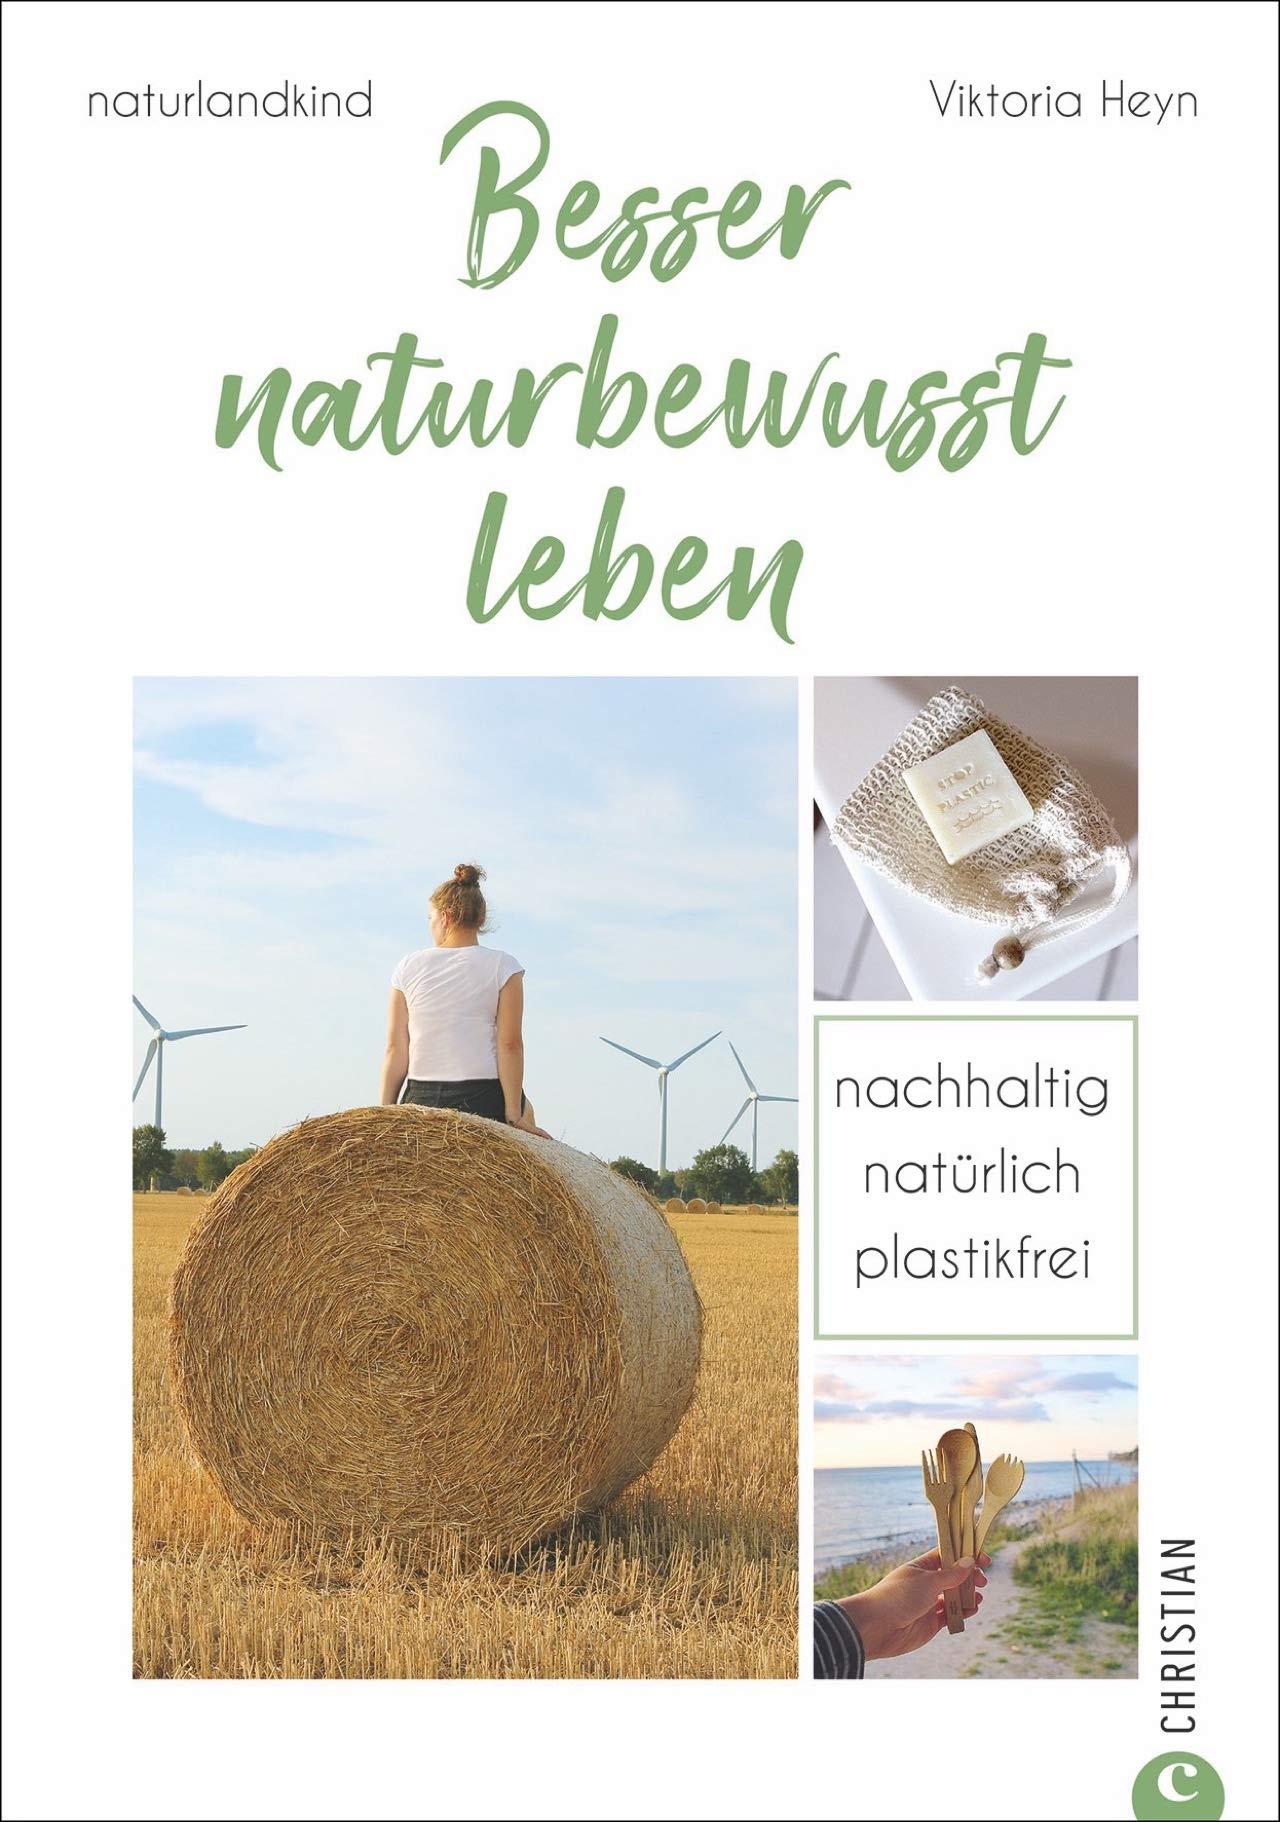 Naturlandkind  Besser Naturbewusst Leben   Nachhaltig. Natürlich. Plastikfrei. Ein Ratgeber Mit Praktischen Tipps Für Ein Leben Ohne Plastik ... Und Extra Kapitel Zum Trend Fair Fashion.